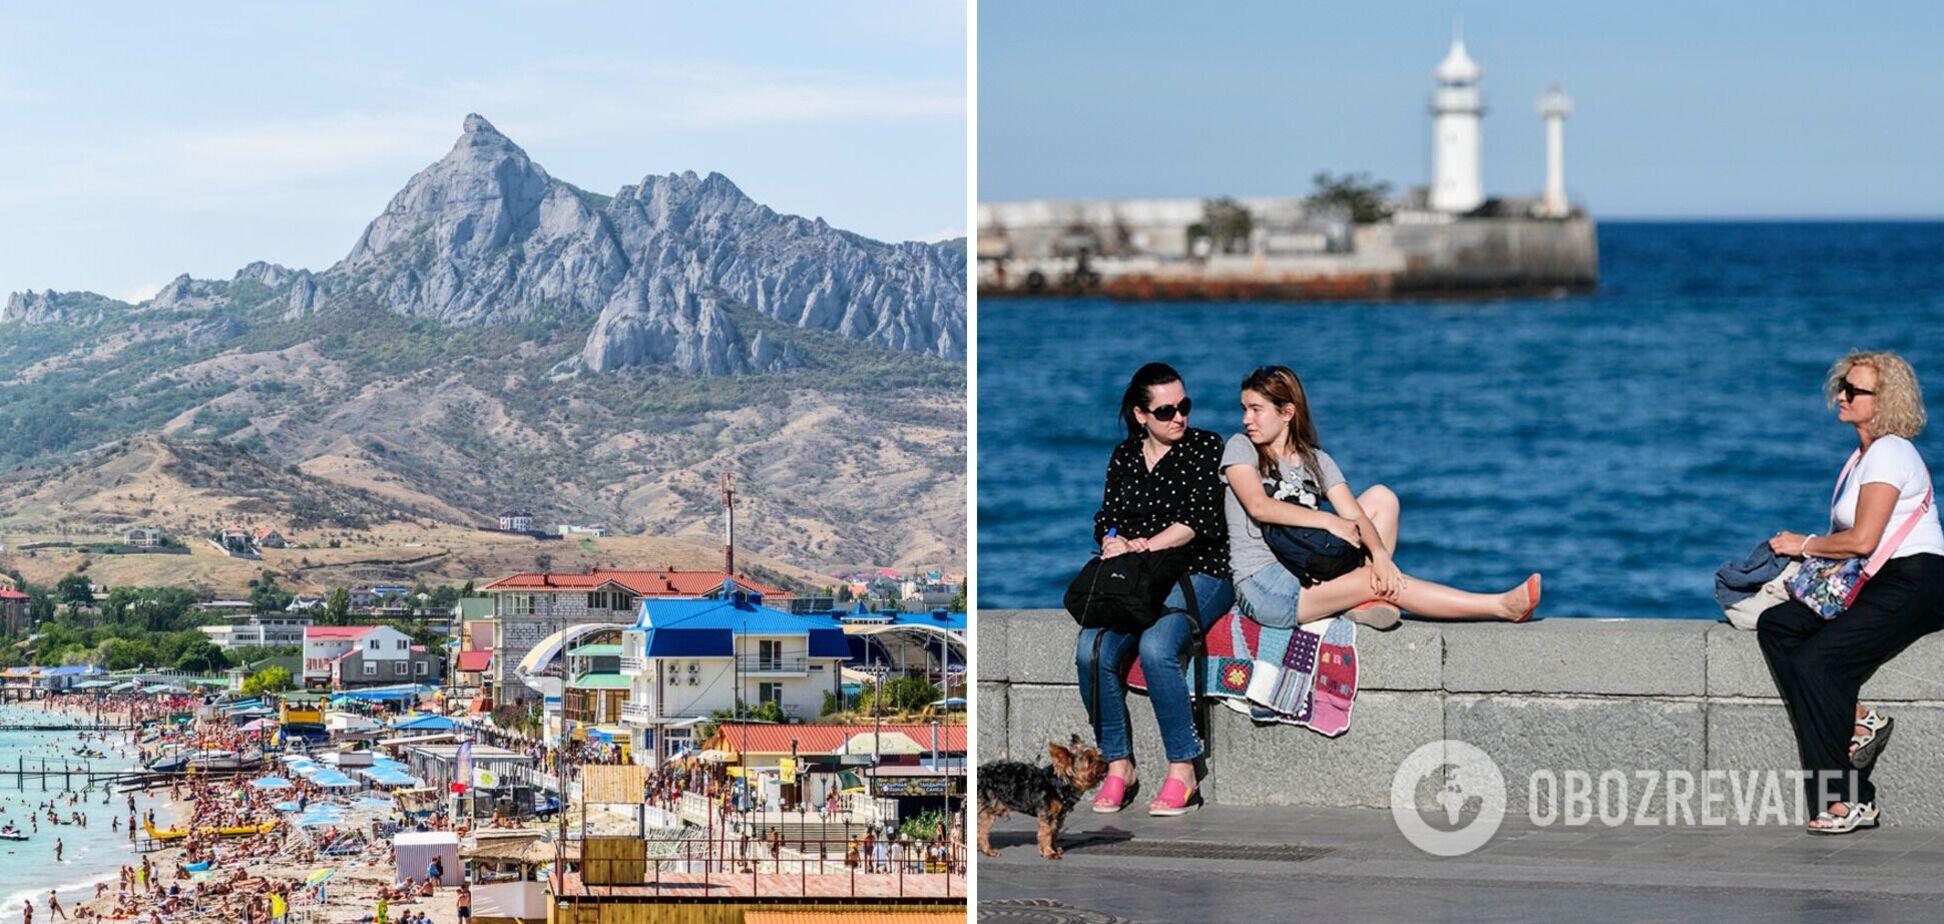 В Крыму могут досрочно закрыть туристический сезон: в чем причина